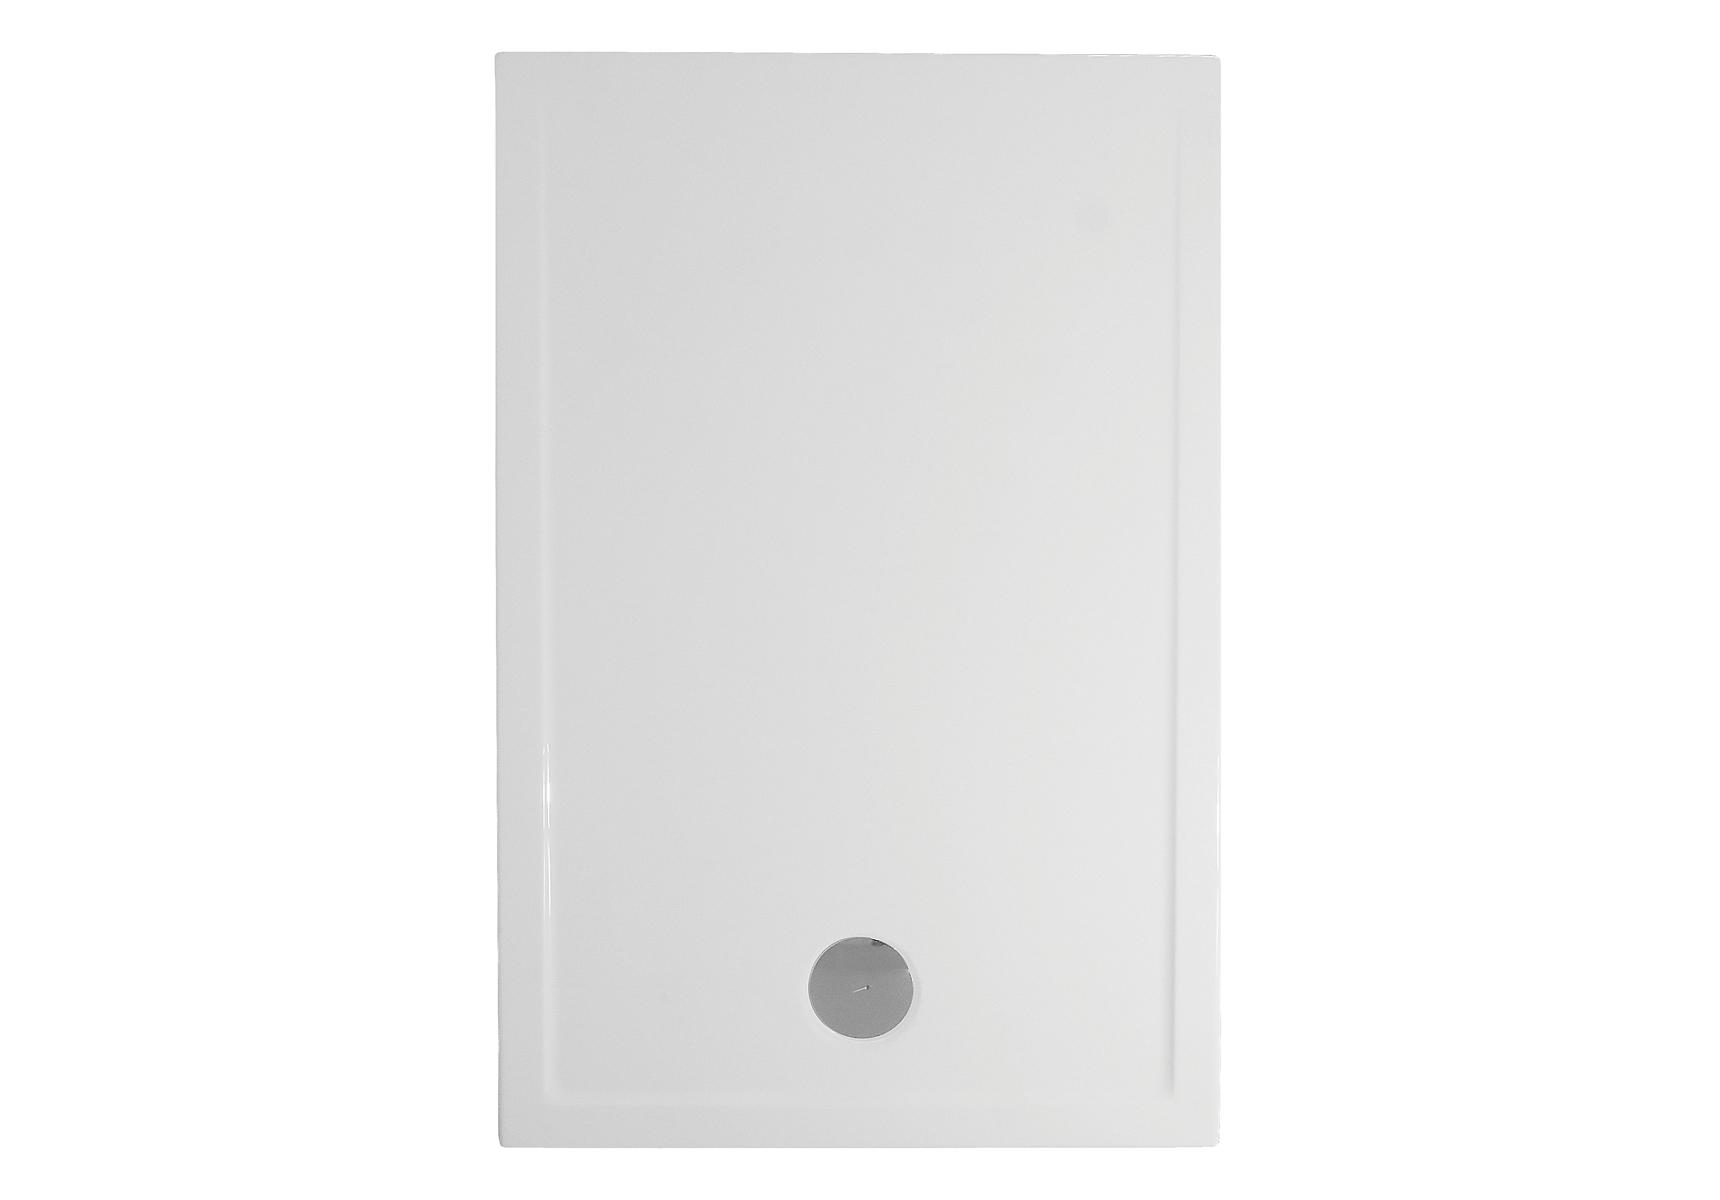 Fit receveur ultra plat en acrylique, 3,2 mm, à poser, rectangulaire, 120  x  80 cm